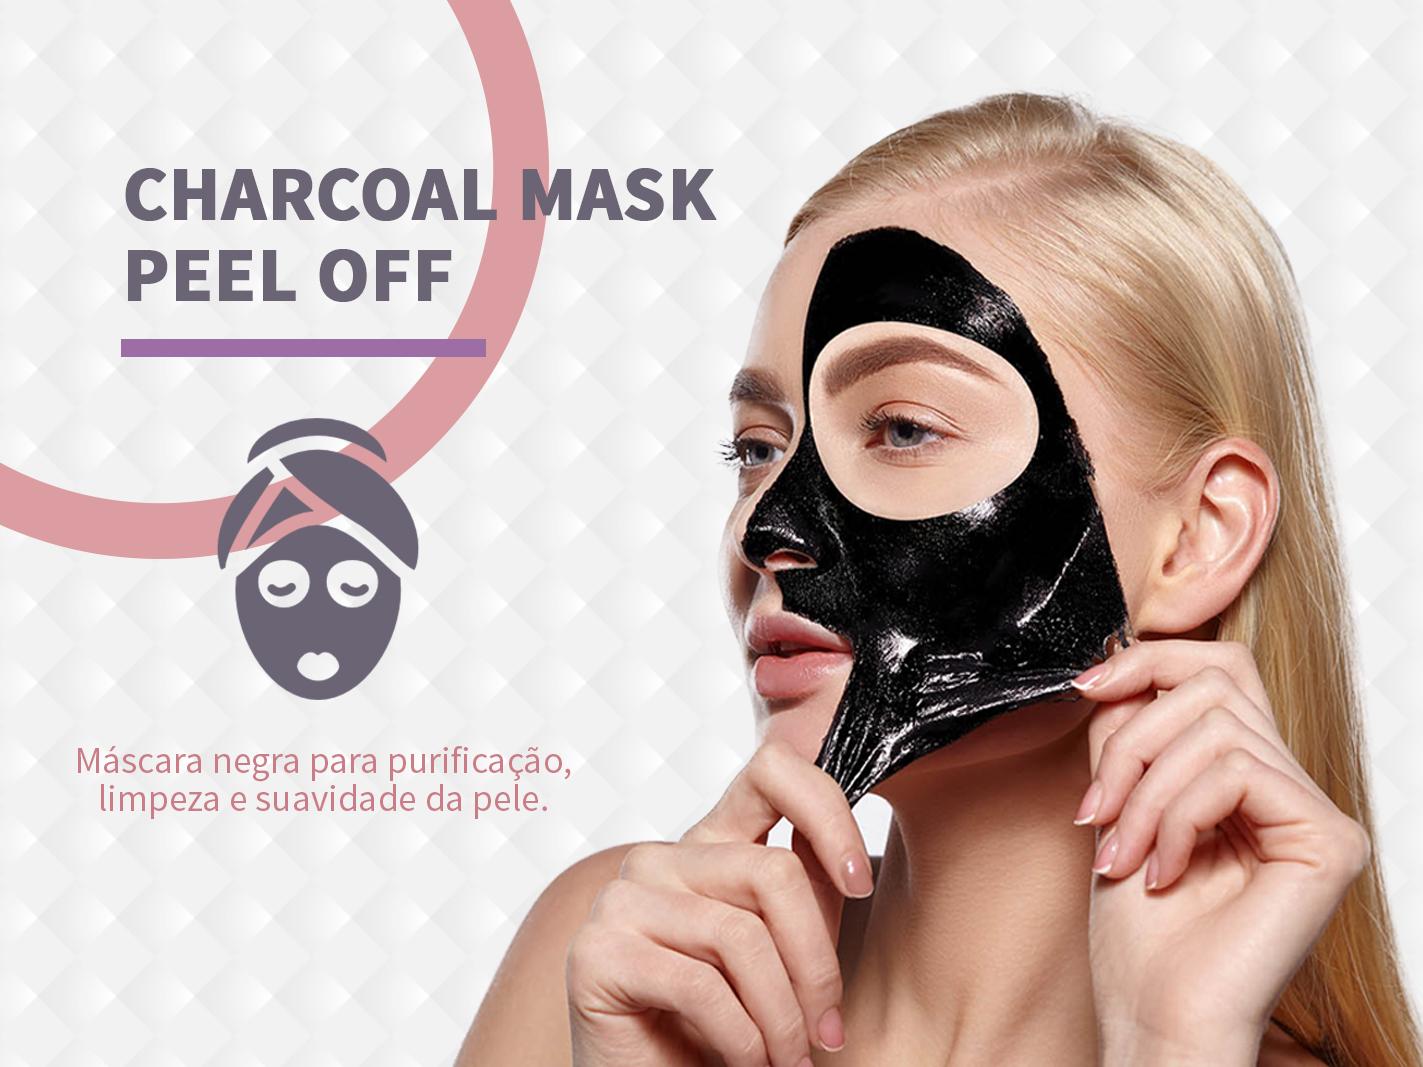 Charcoal Mask Peel Off é uma máscara mitificante que absorve excesso de óleo, impurezas e poluentes da pele